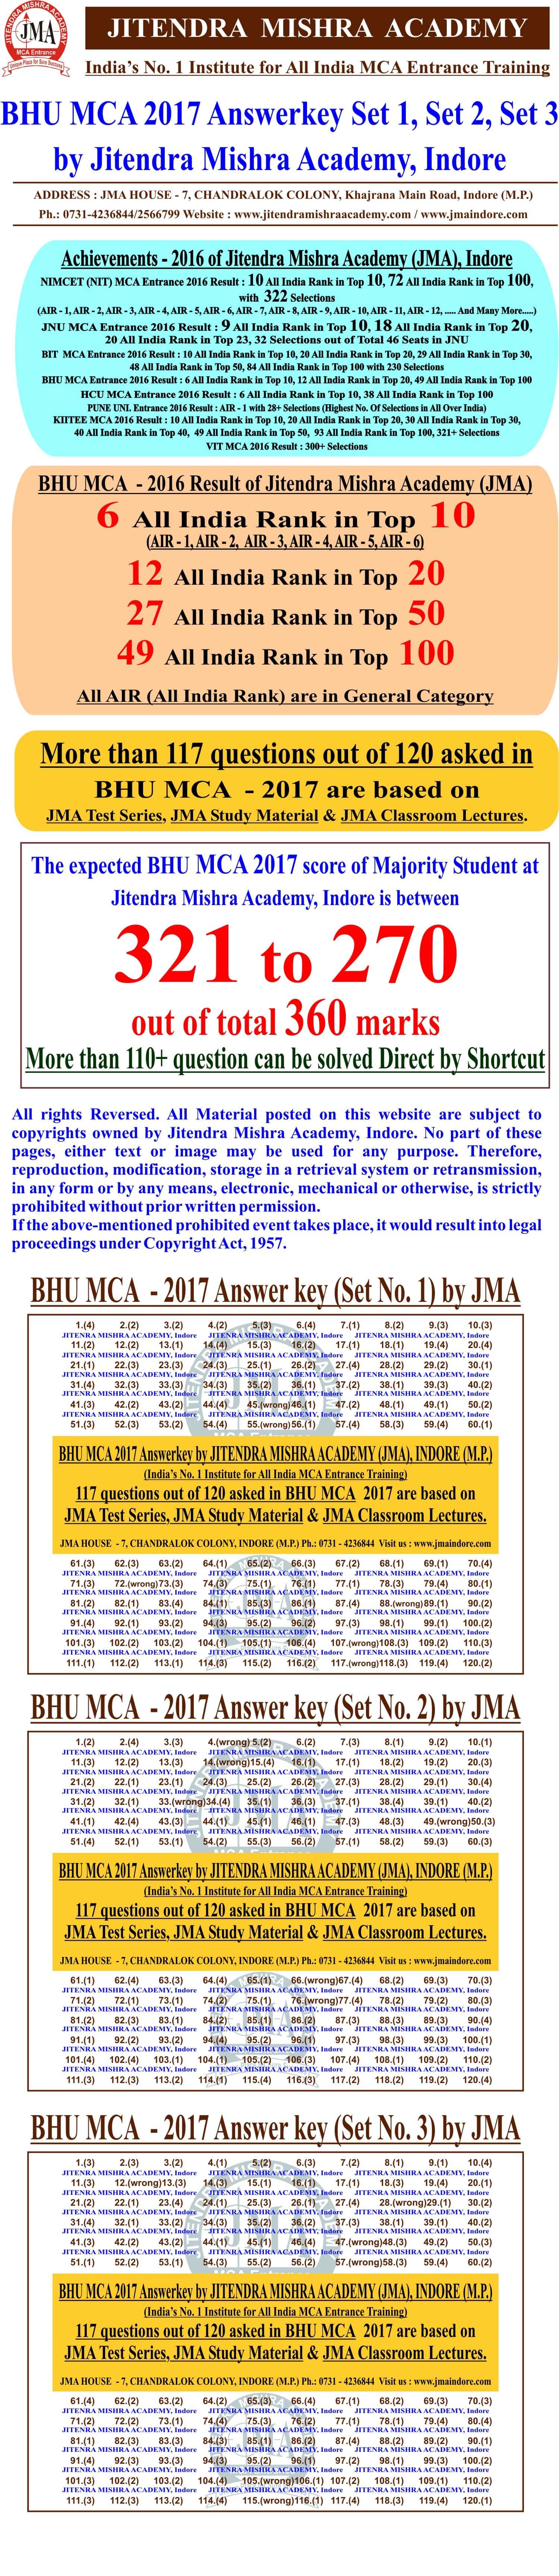 BHU - 2017 answerkey (FINAL)